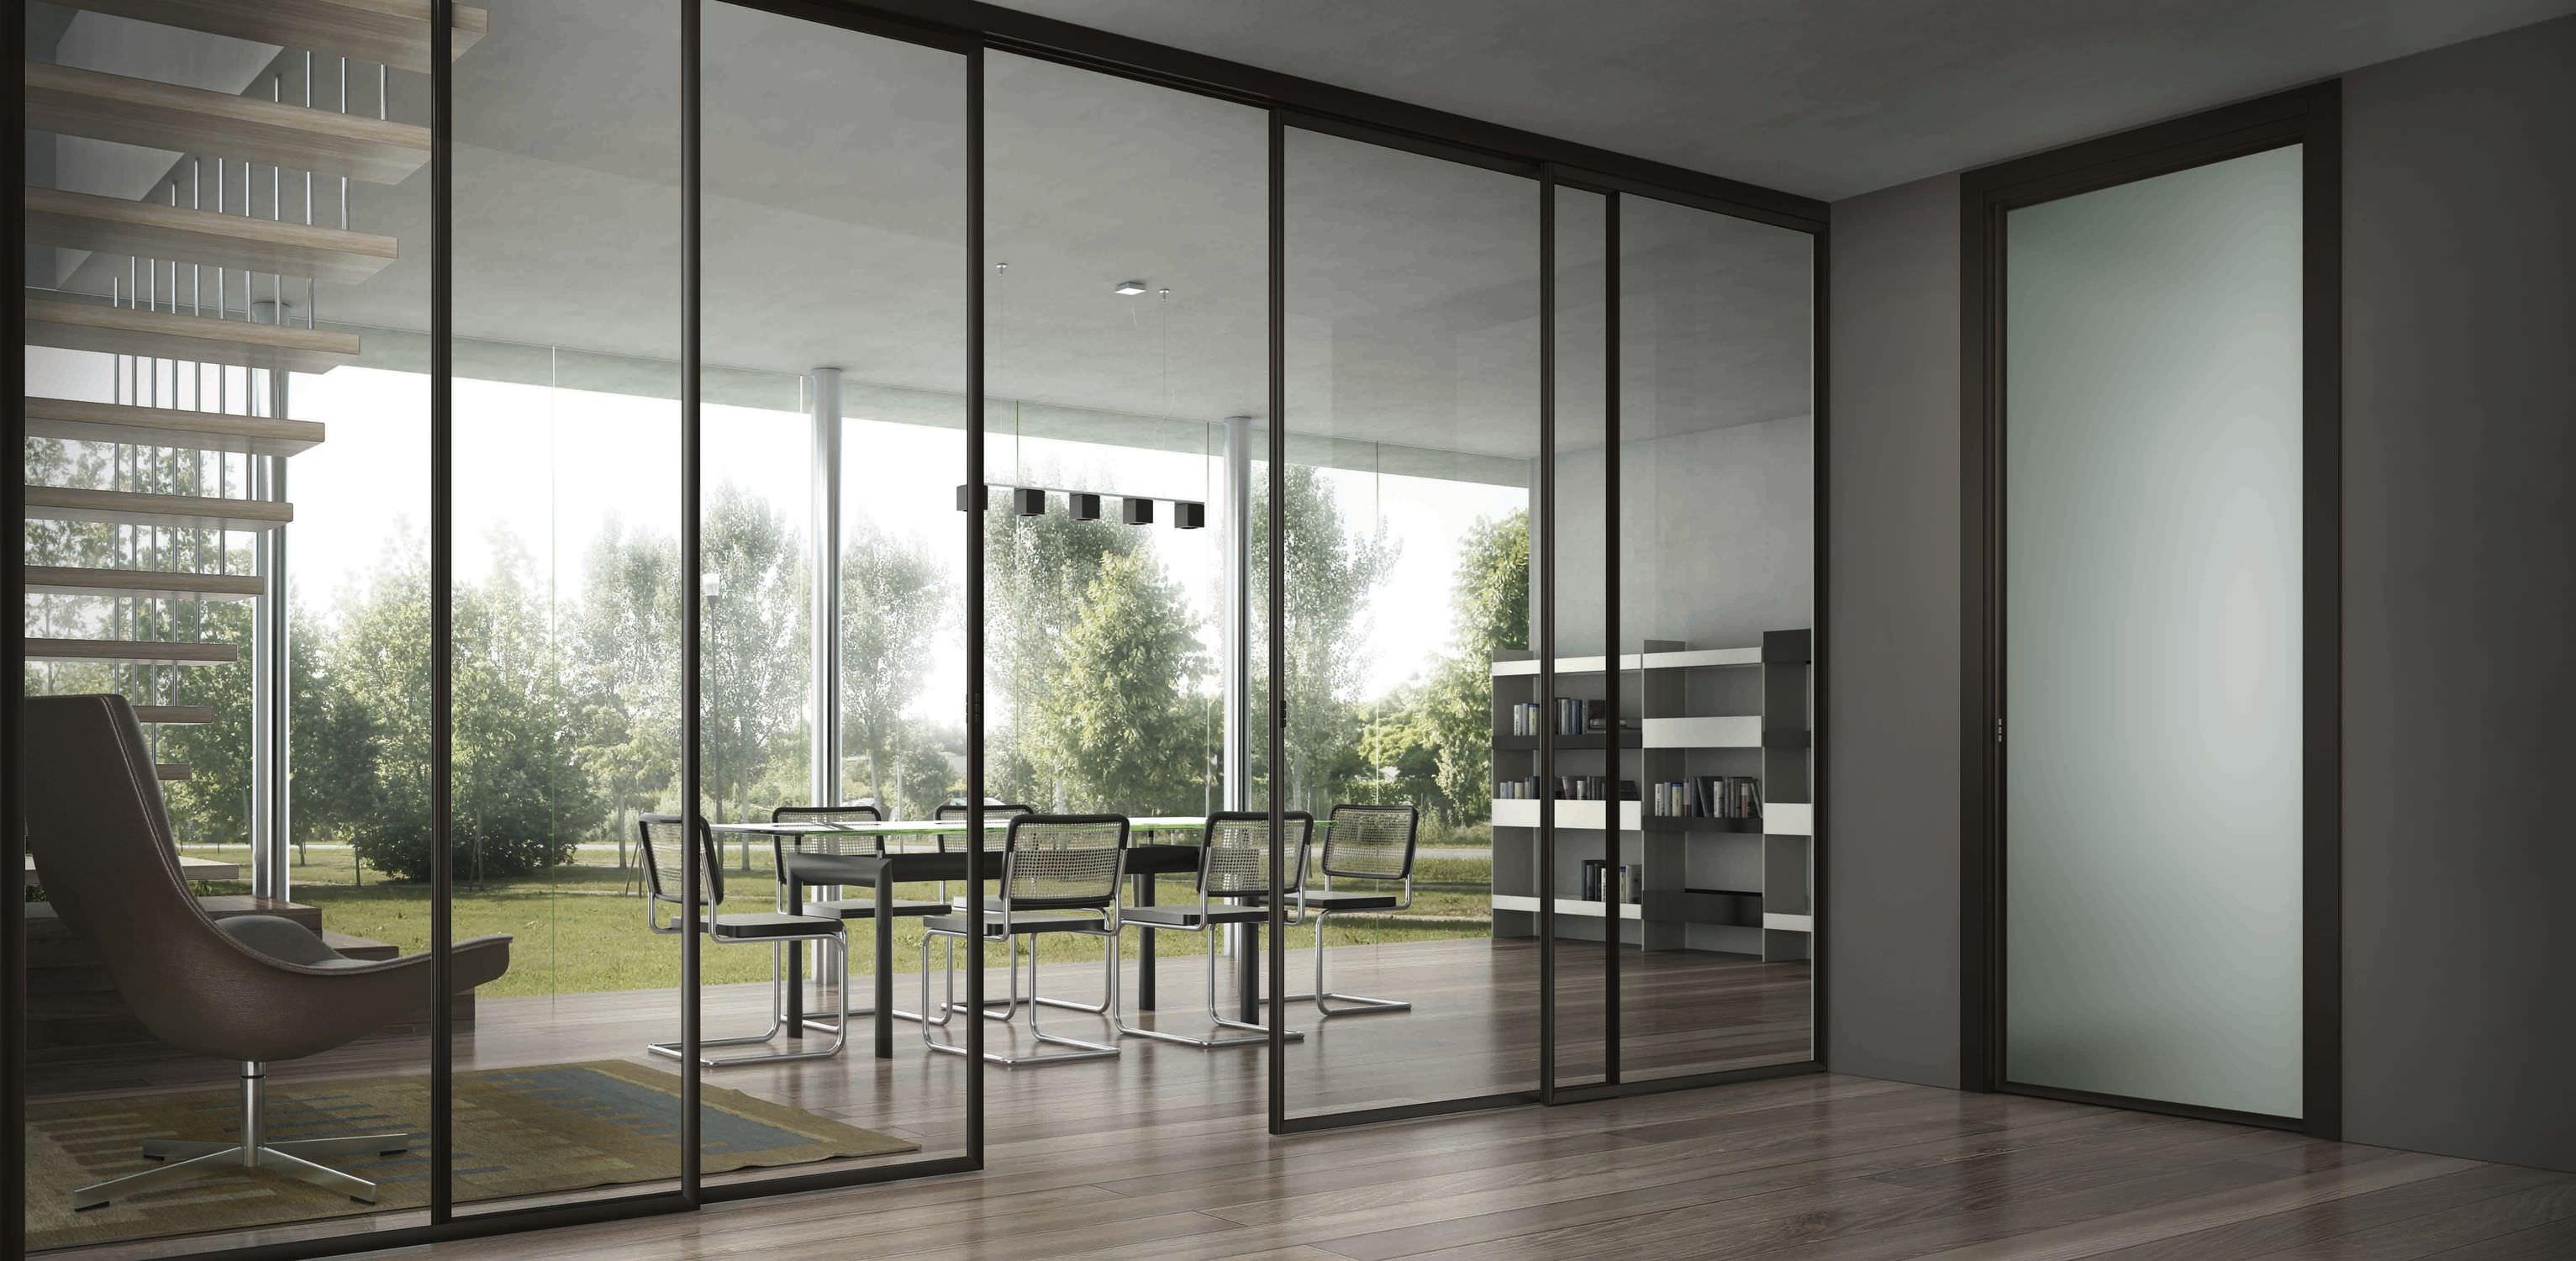 Full Wall Sliding Glass Doors3065 X 1500